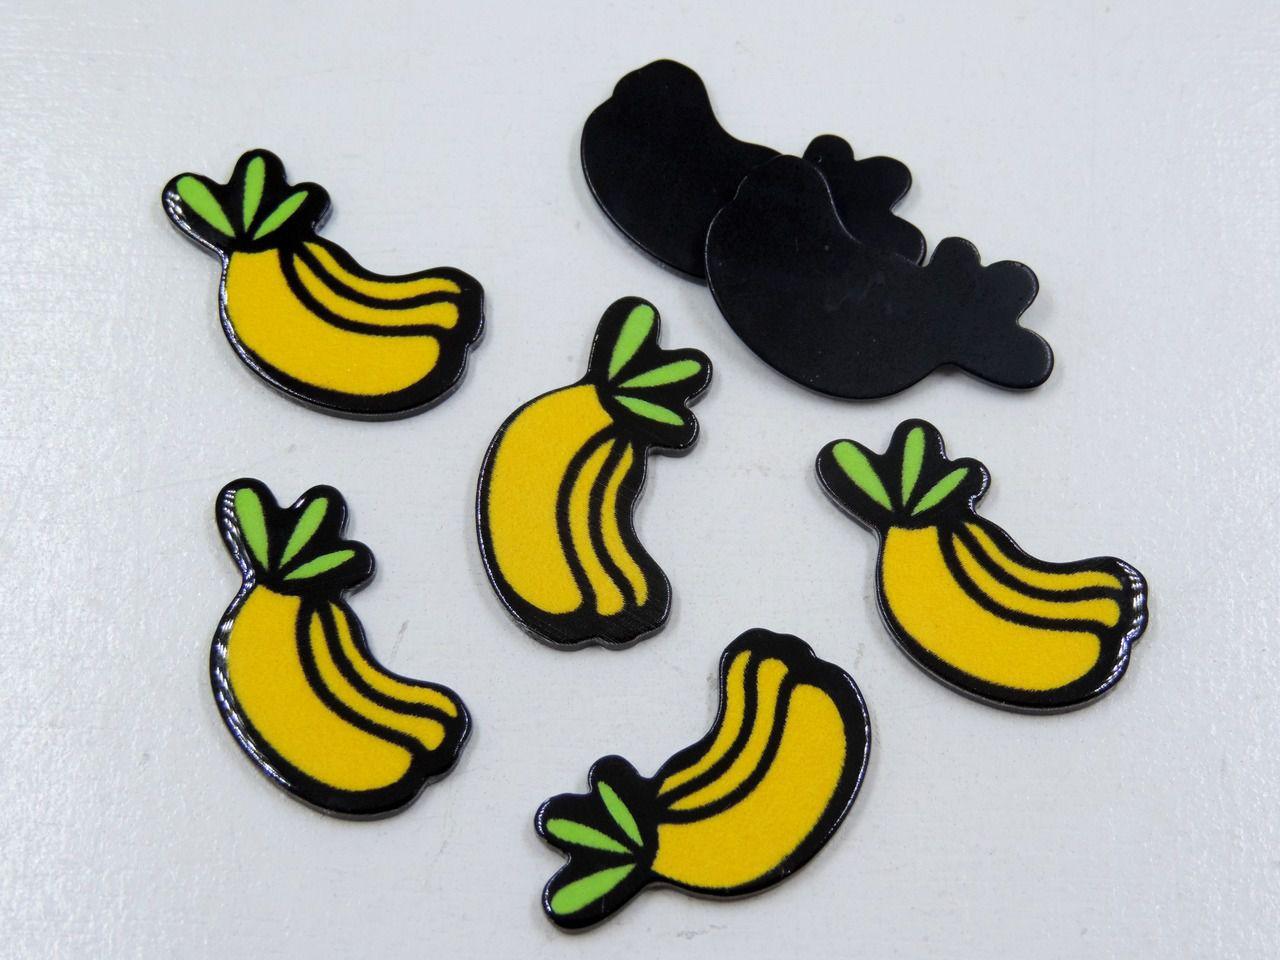 aplique banana 2,5cm x 1cm para artesanatos 5 unidades